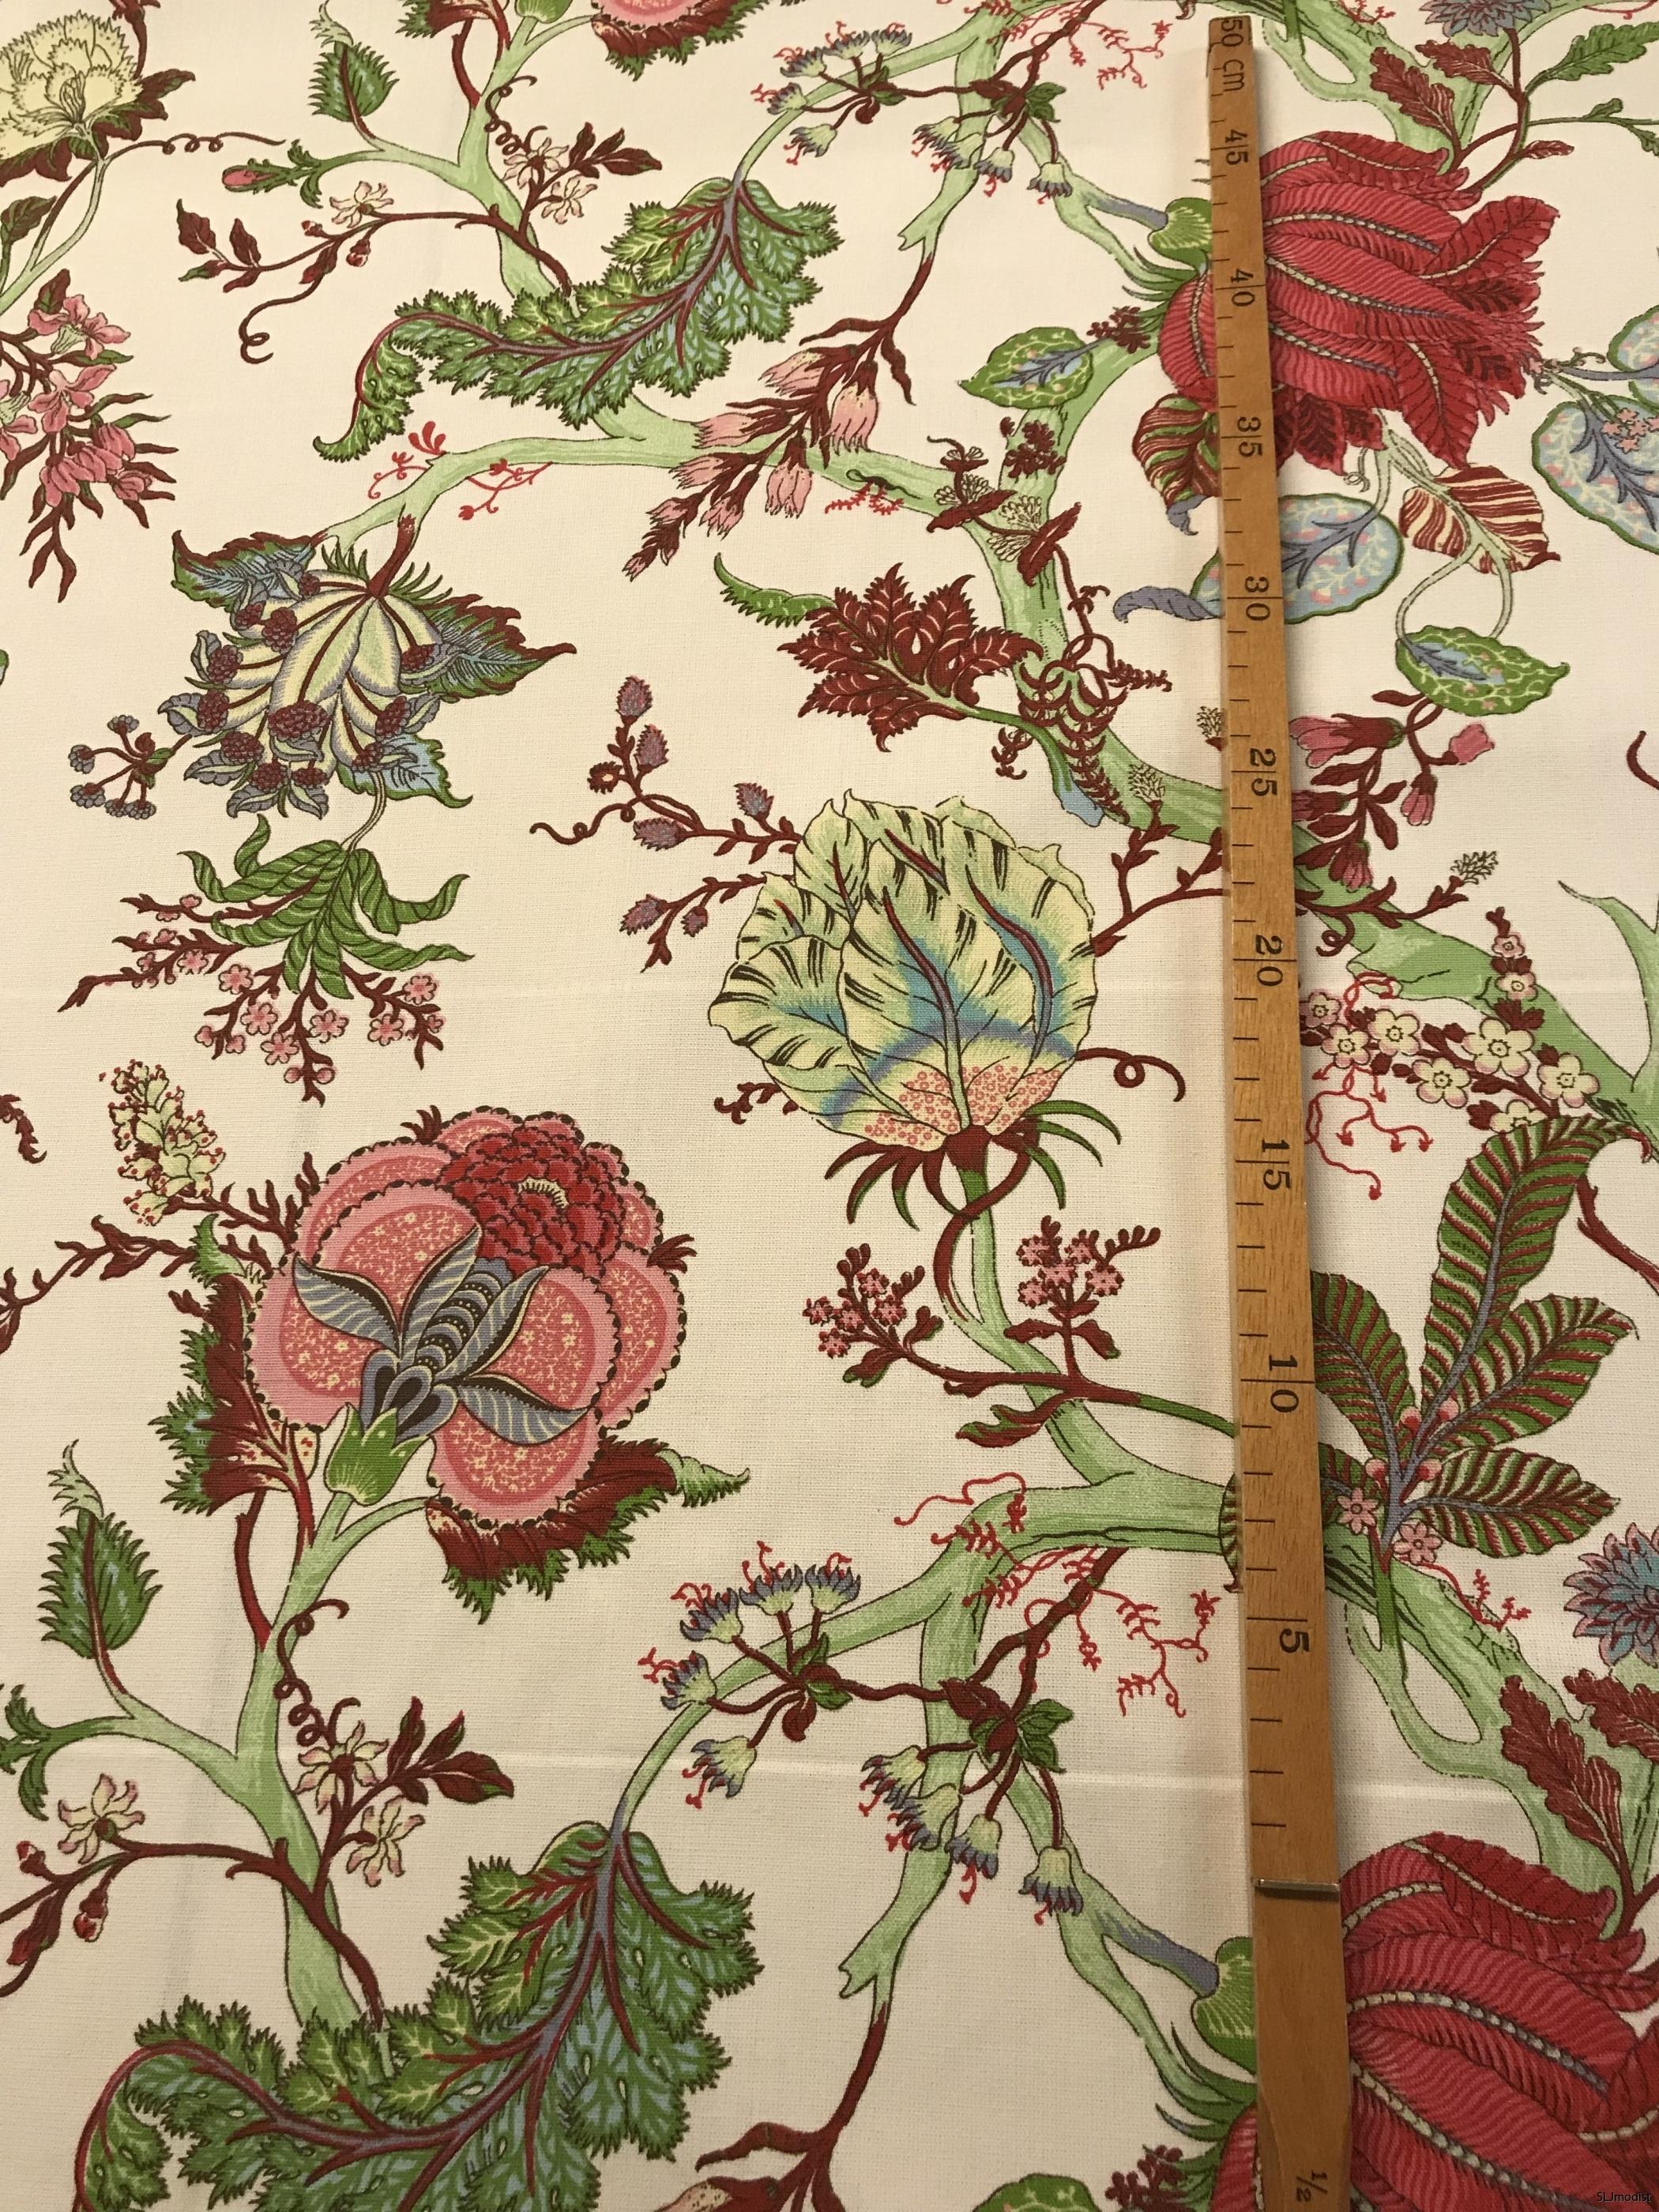 Snyggt gardintyg med mönster.